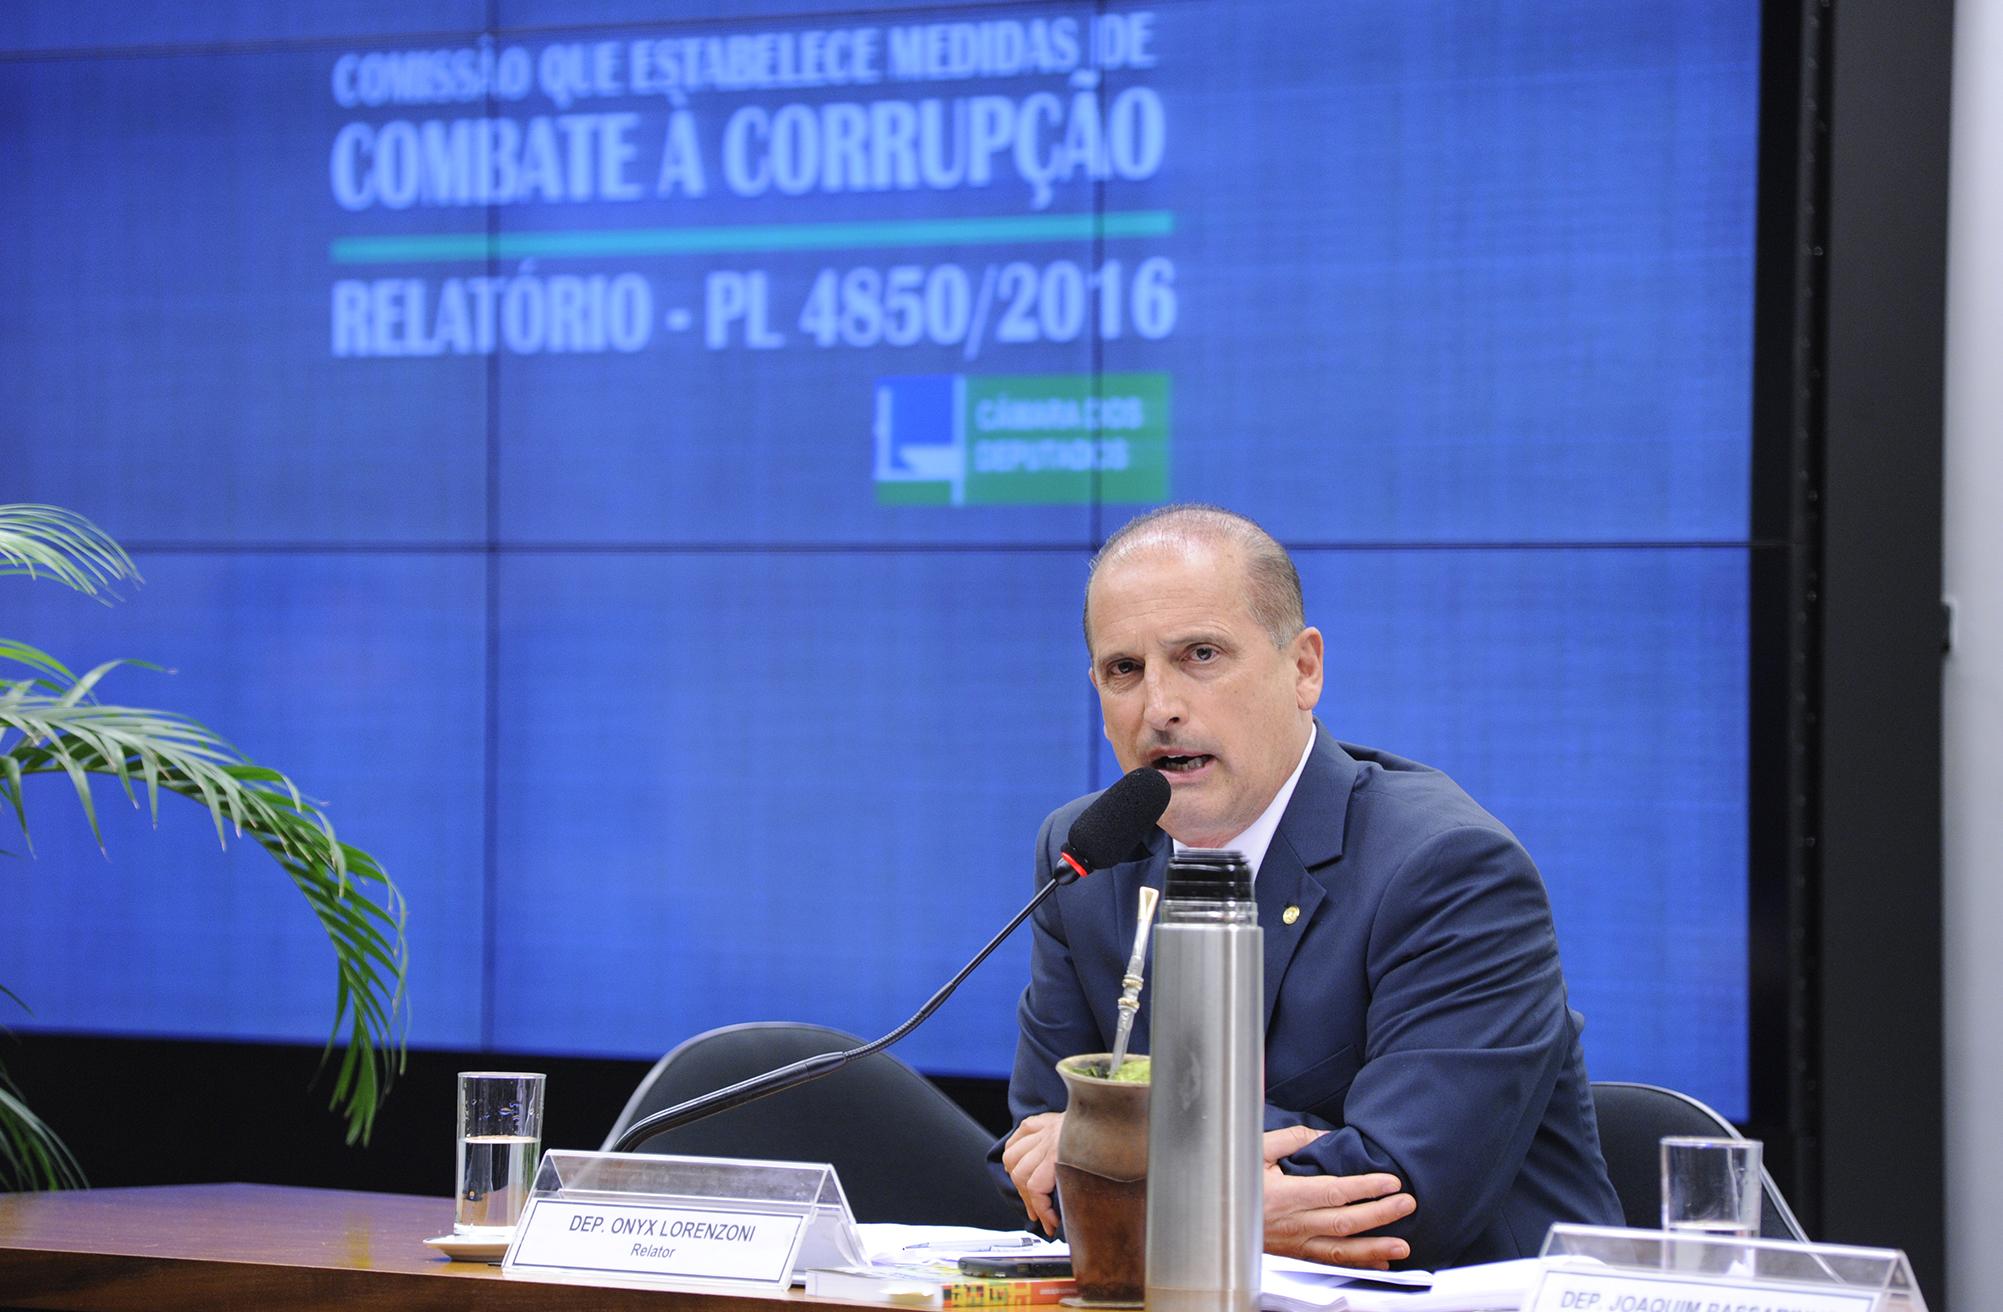 Reunião Ordinária. Dep. Onyx Lorenzoni (DEM-RS)